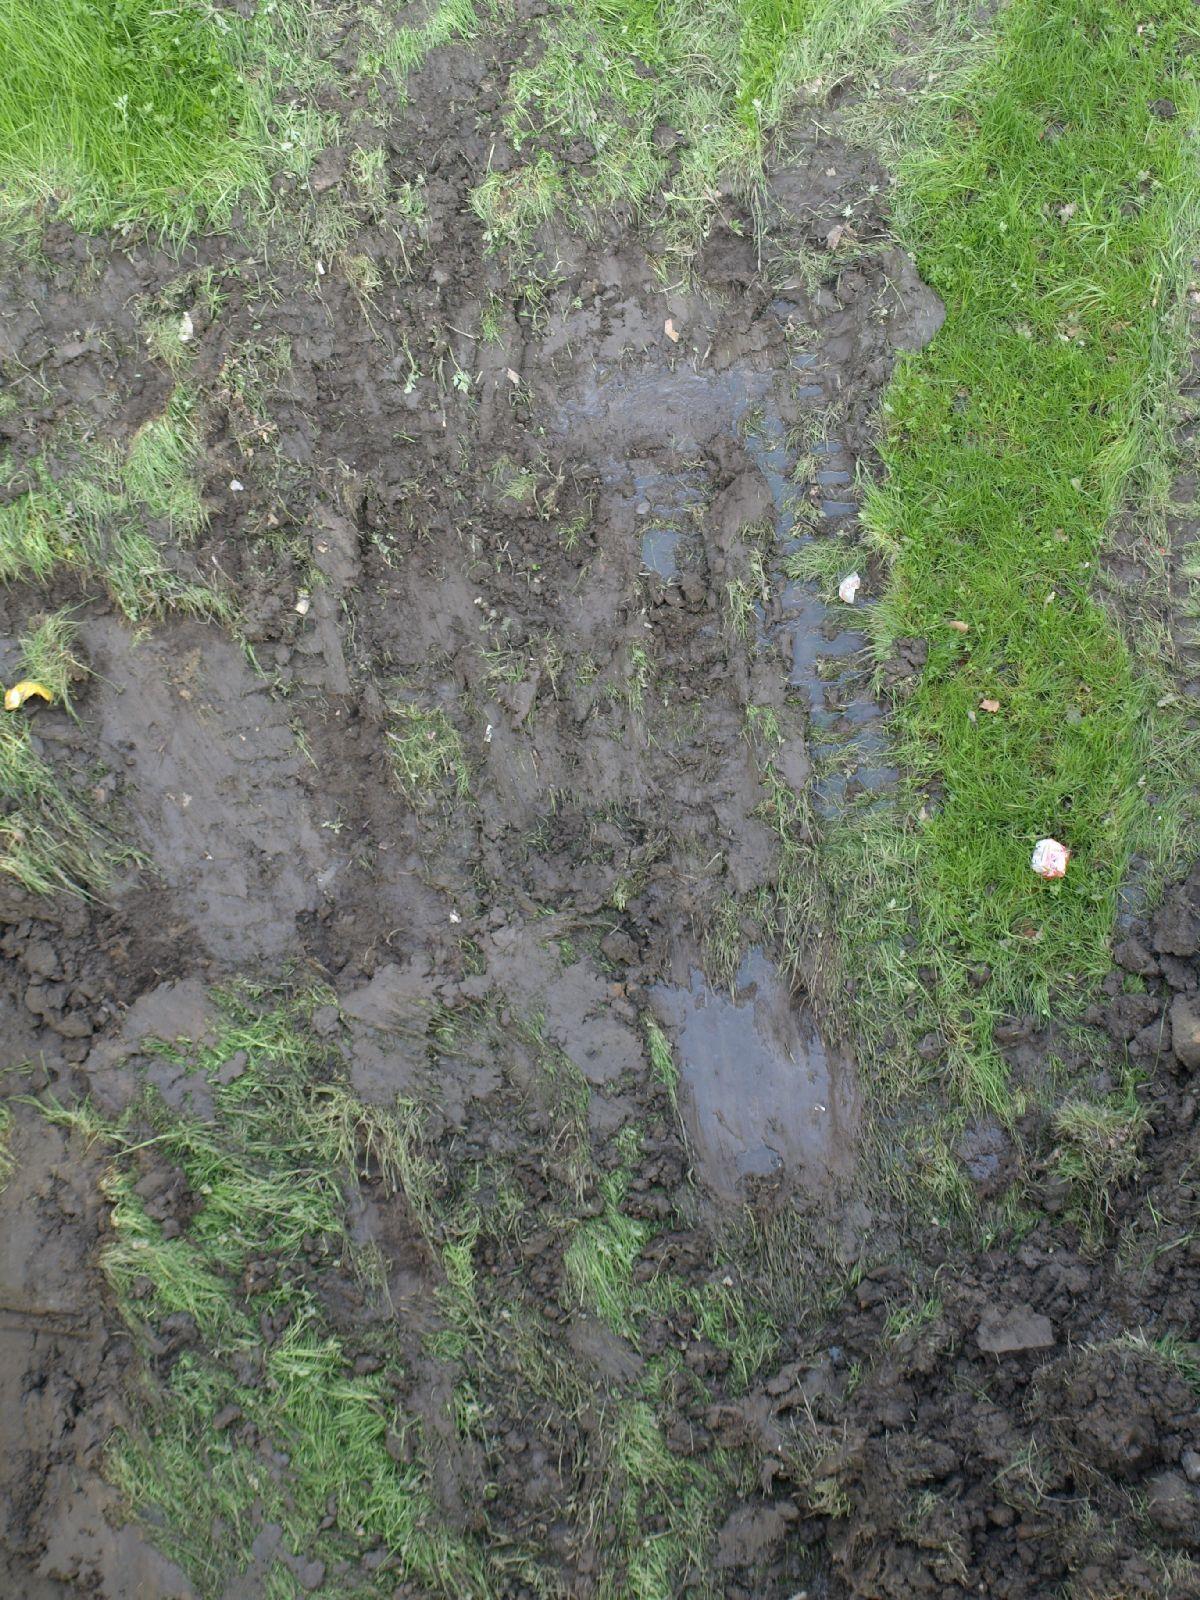 Boden-Gras-Moos-Blumen_Textur_A_P4171290